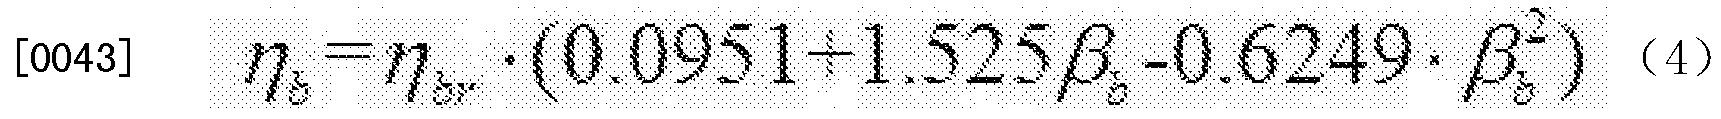 Figure CN103439941BD00093